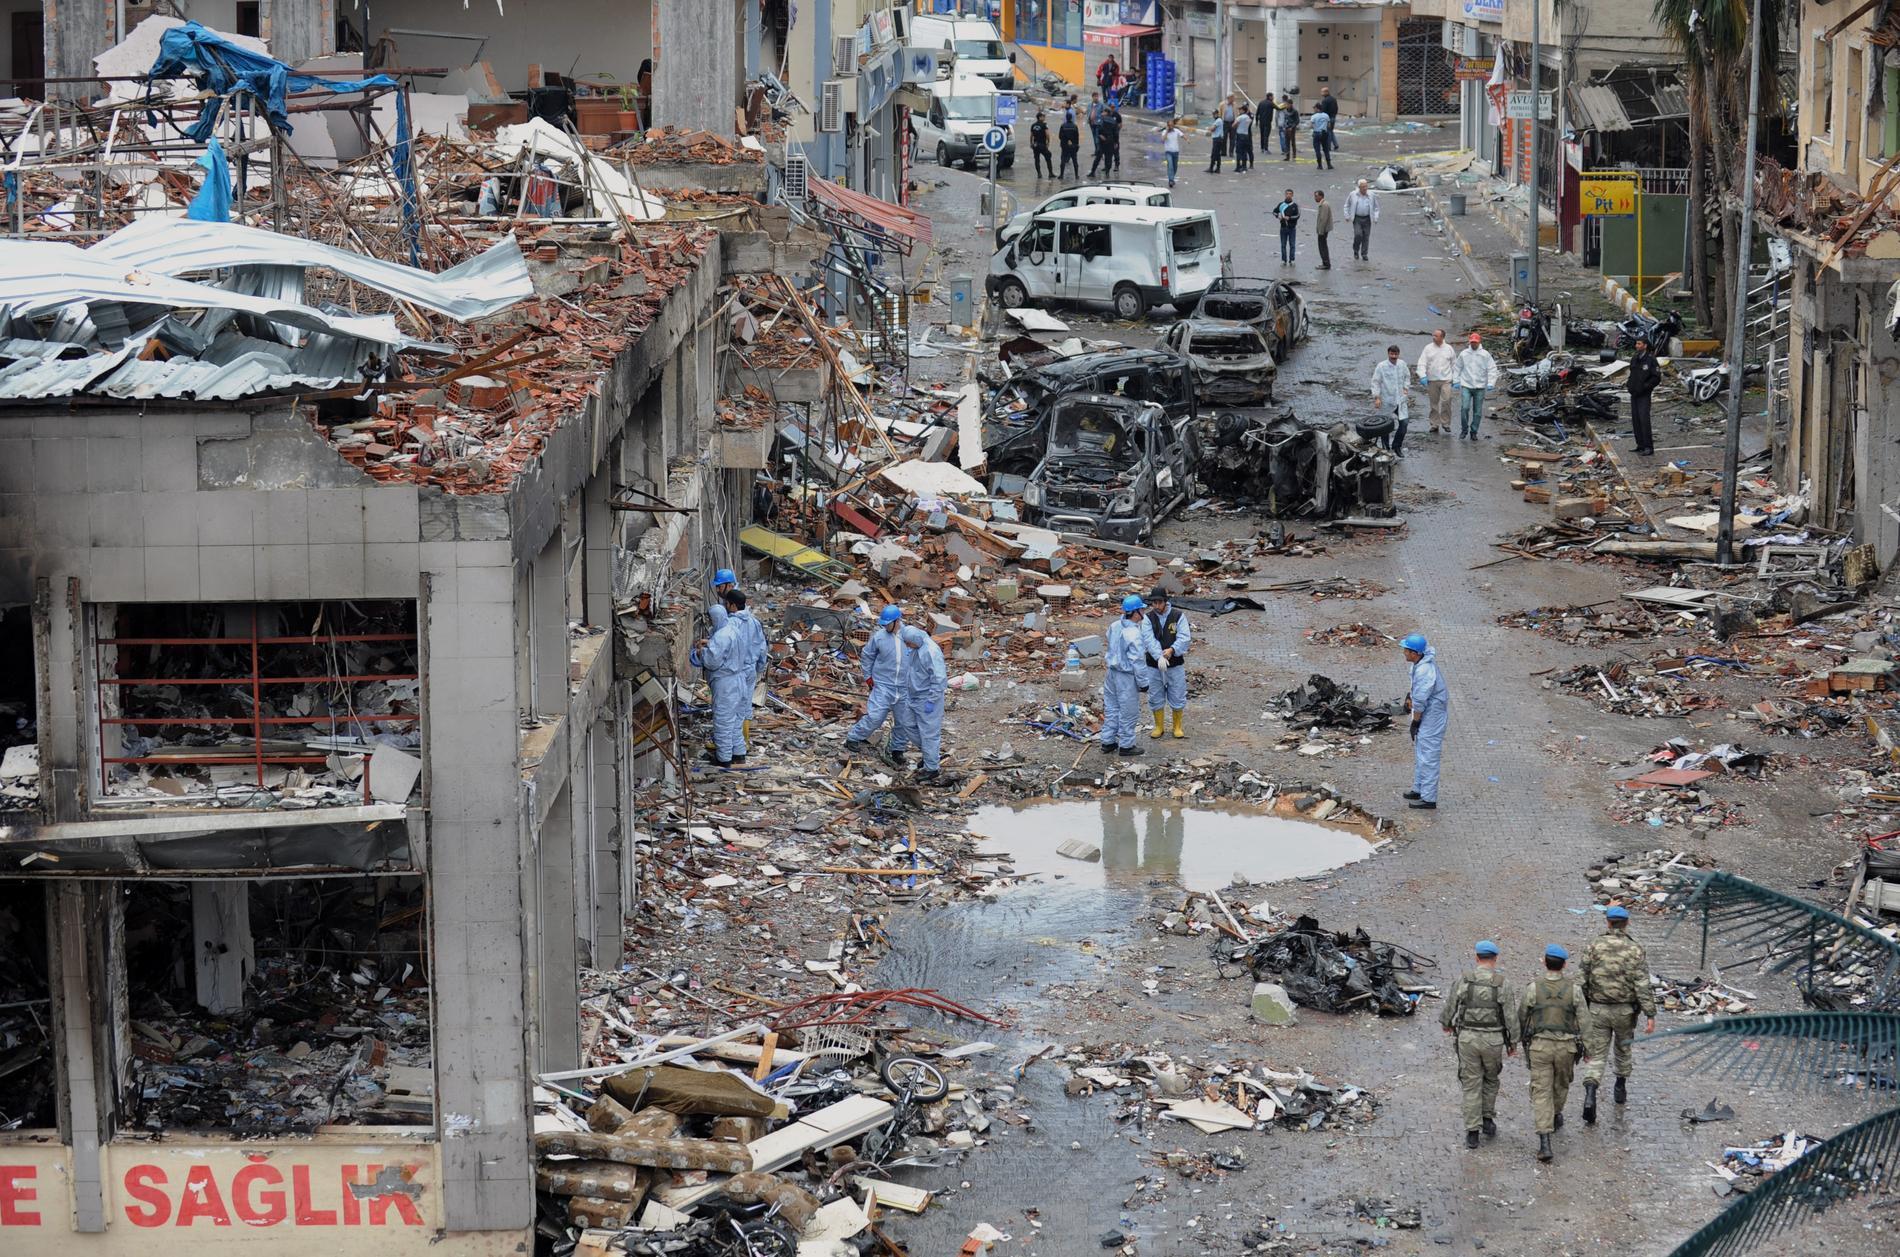 Över 50 människor dog i bombdådet 2013. Arkivbild.